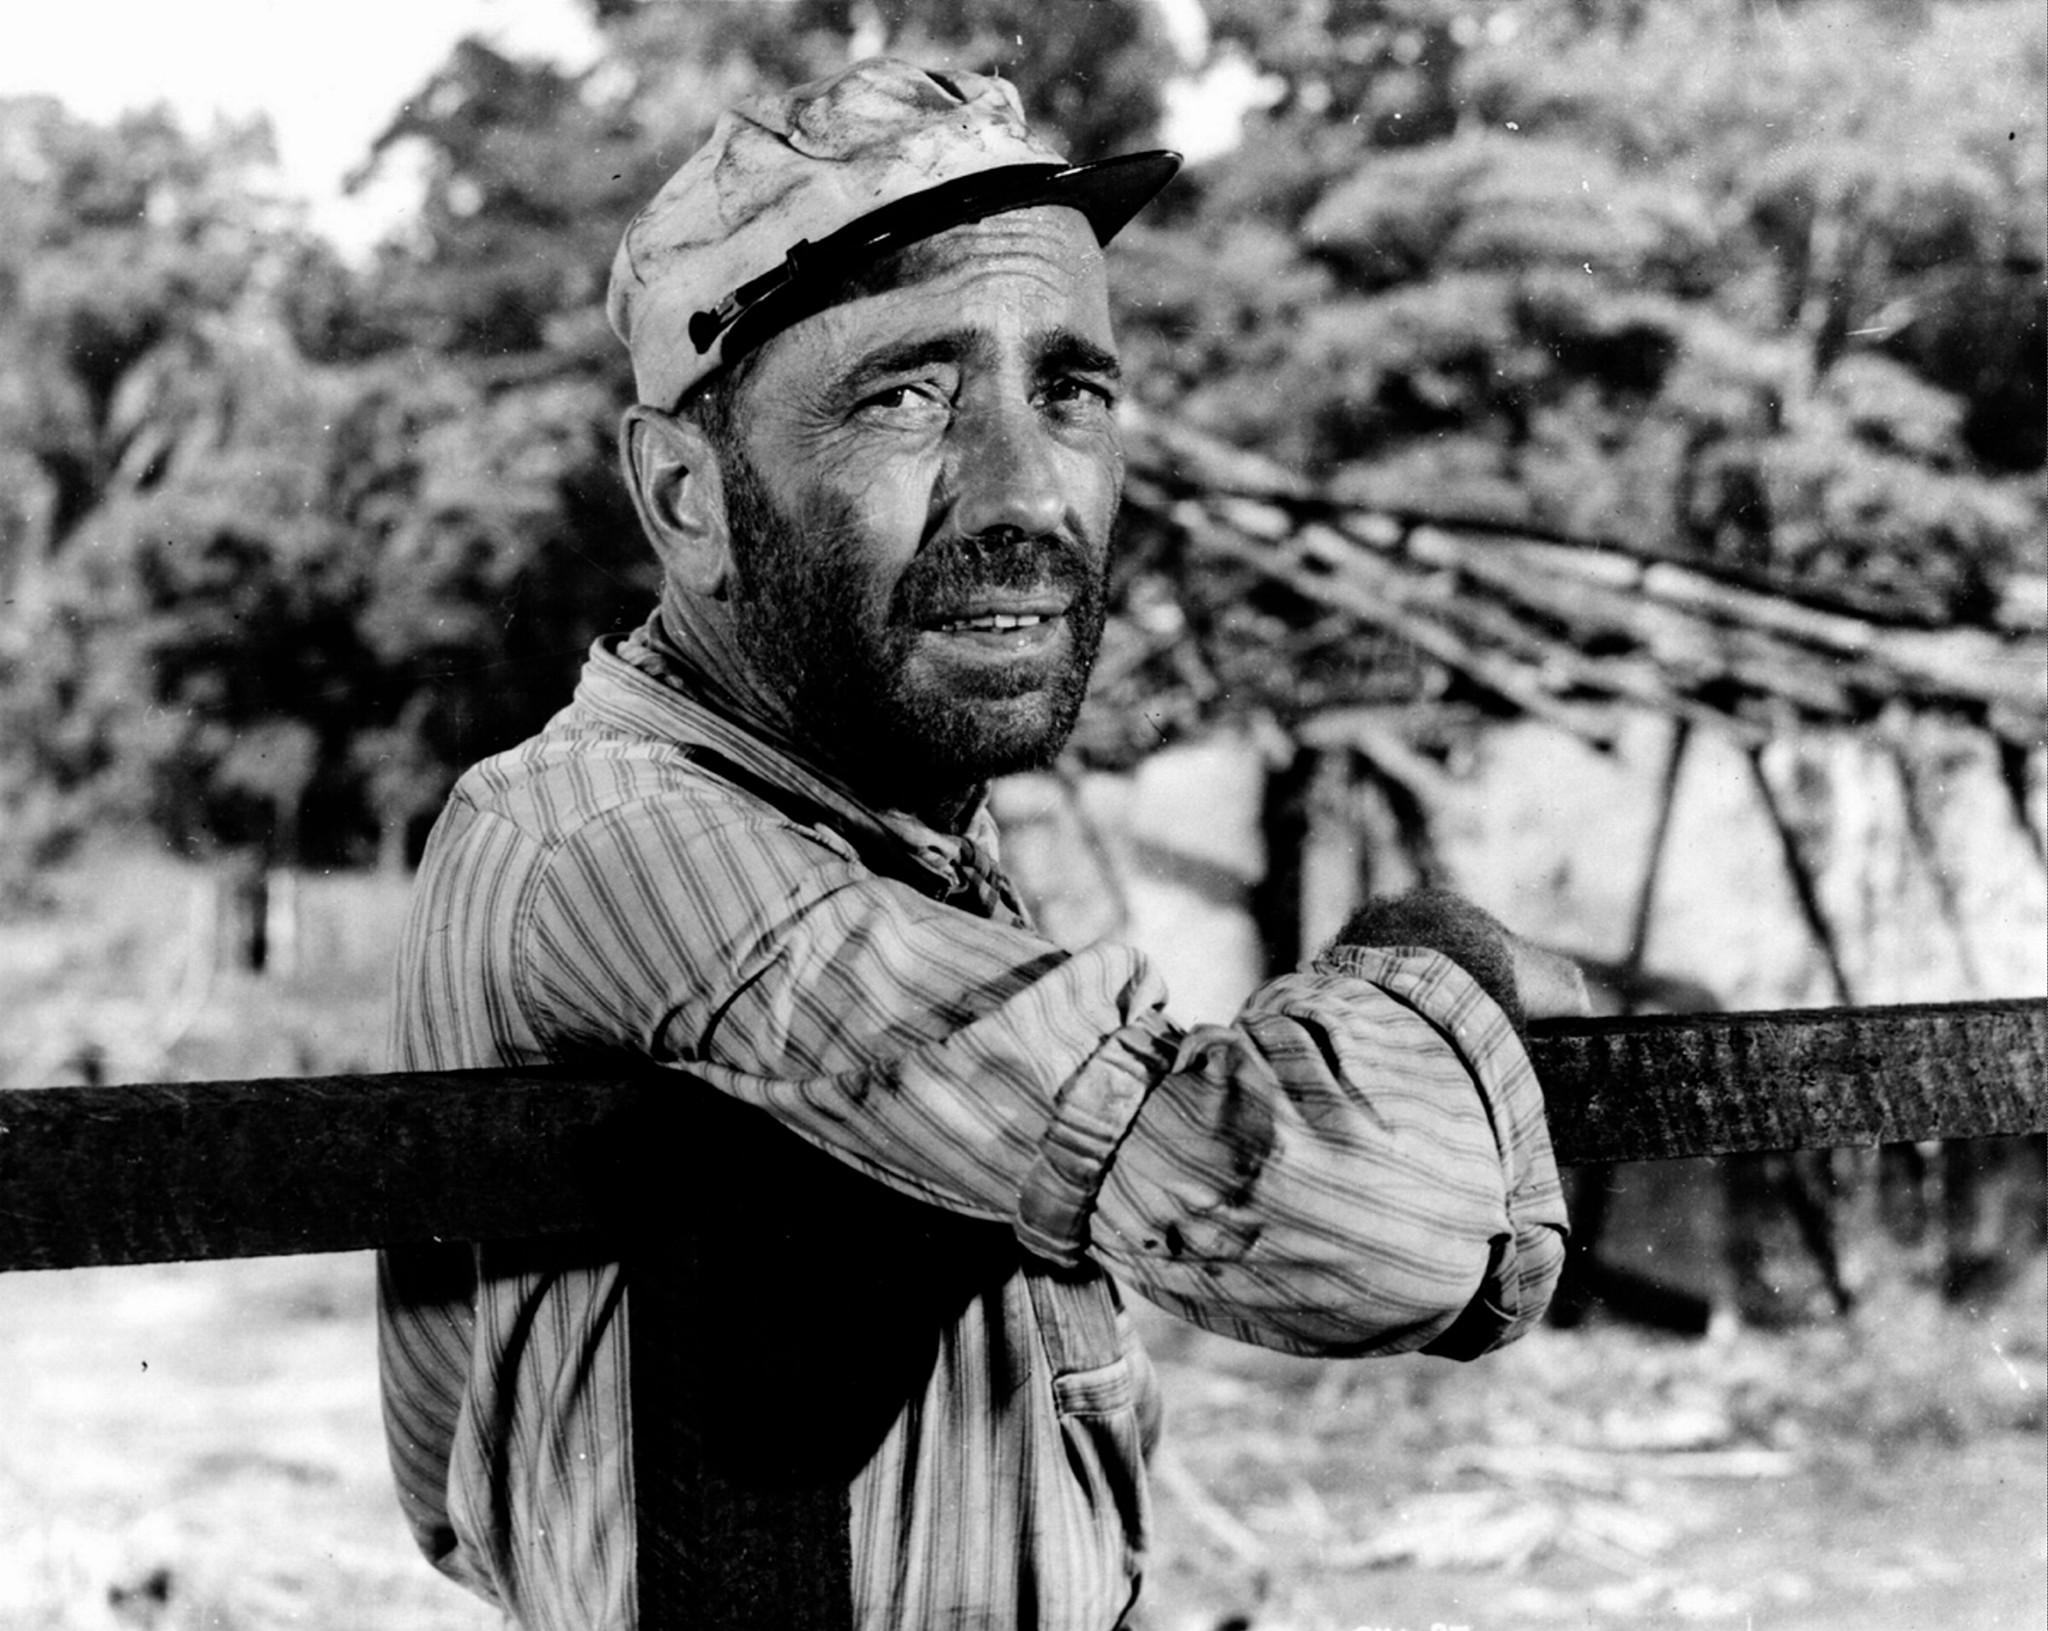 Humphrey Bogart in The African Queen (1951)